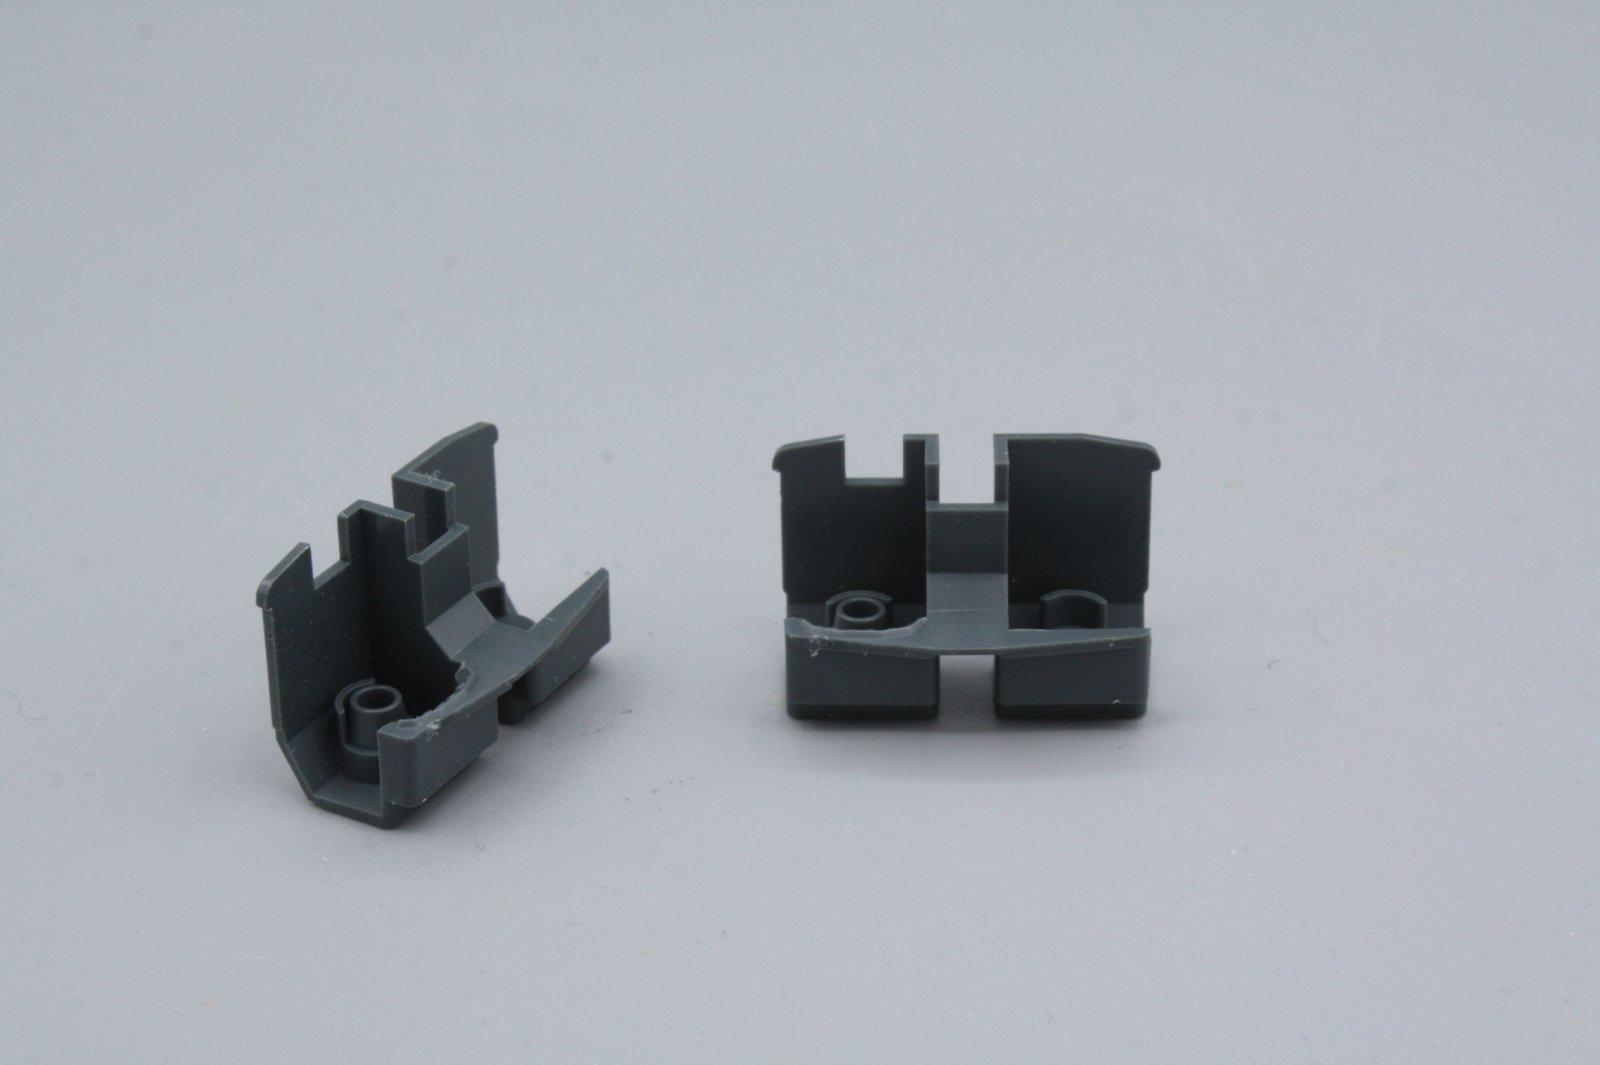 Ersatzteil Roco 140 Führerstandseinrichtung - 2 Stück / 1 Paar grau